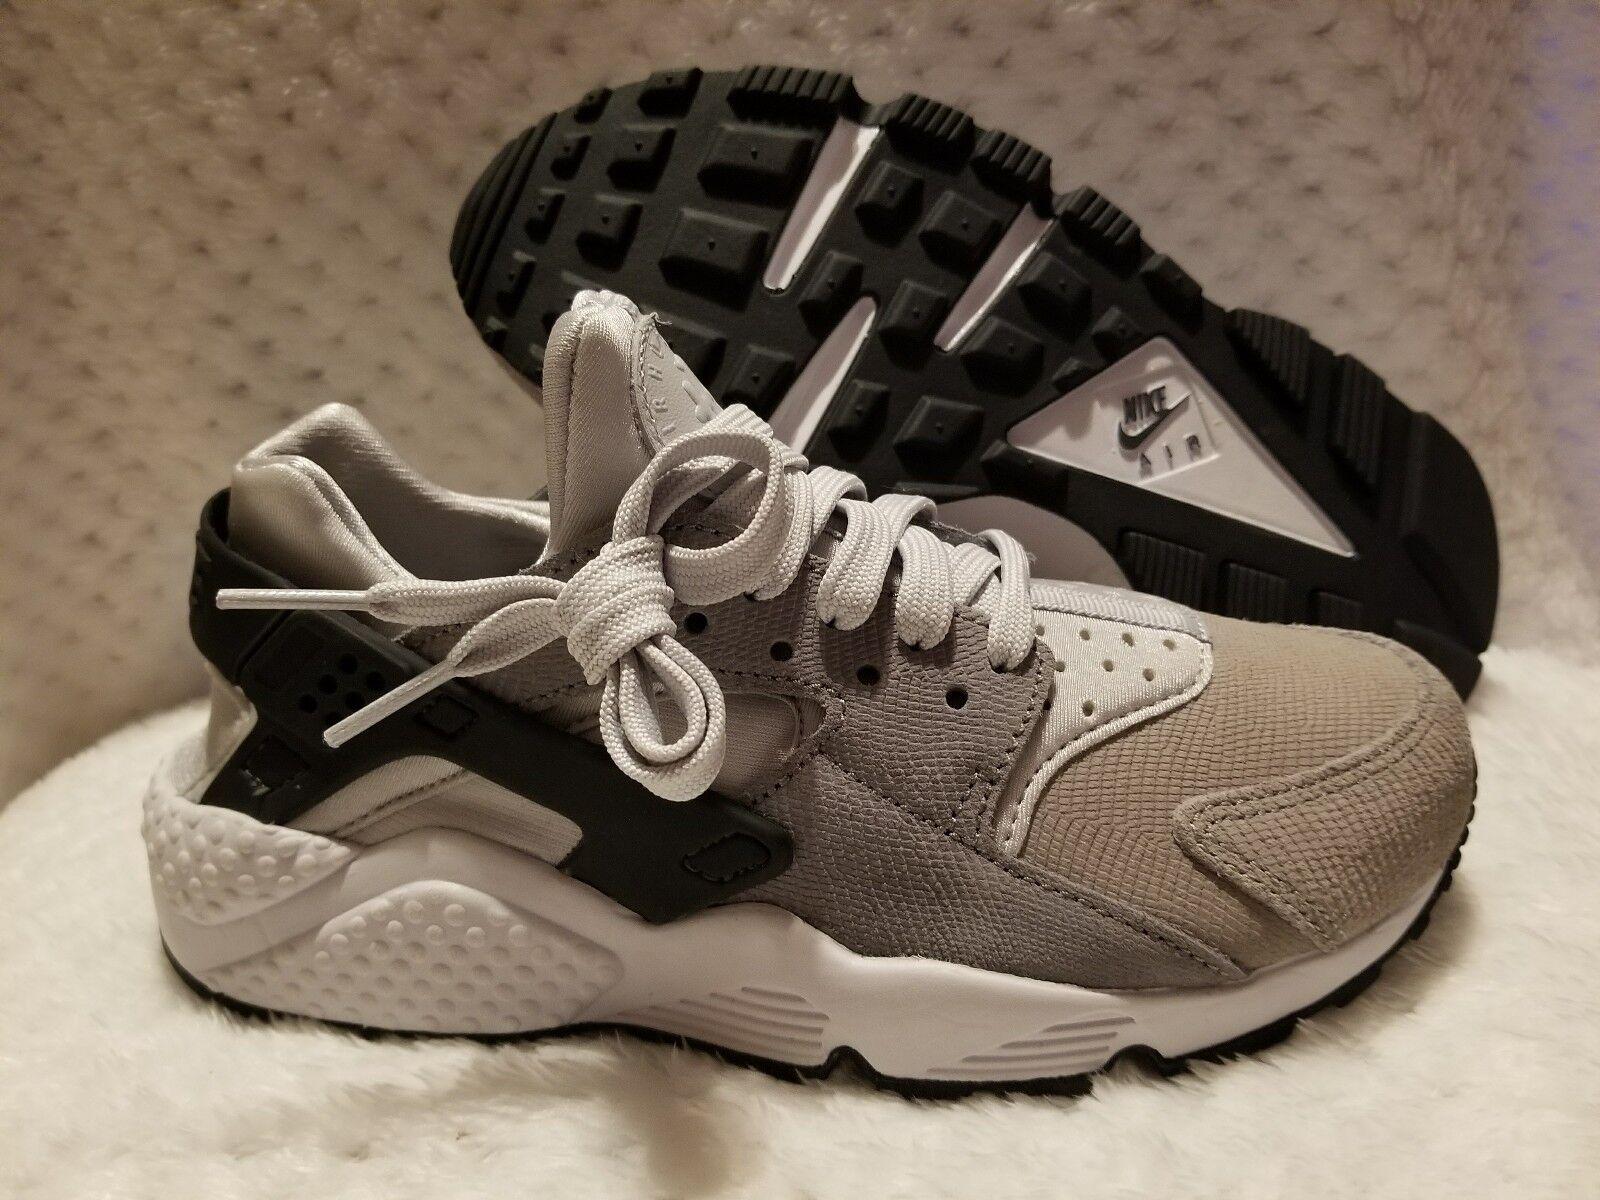 Nike air huarache donne dimensioni 6 683818 009 signore facendo allenamento gestire gray carino